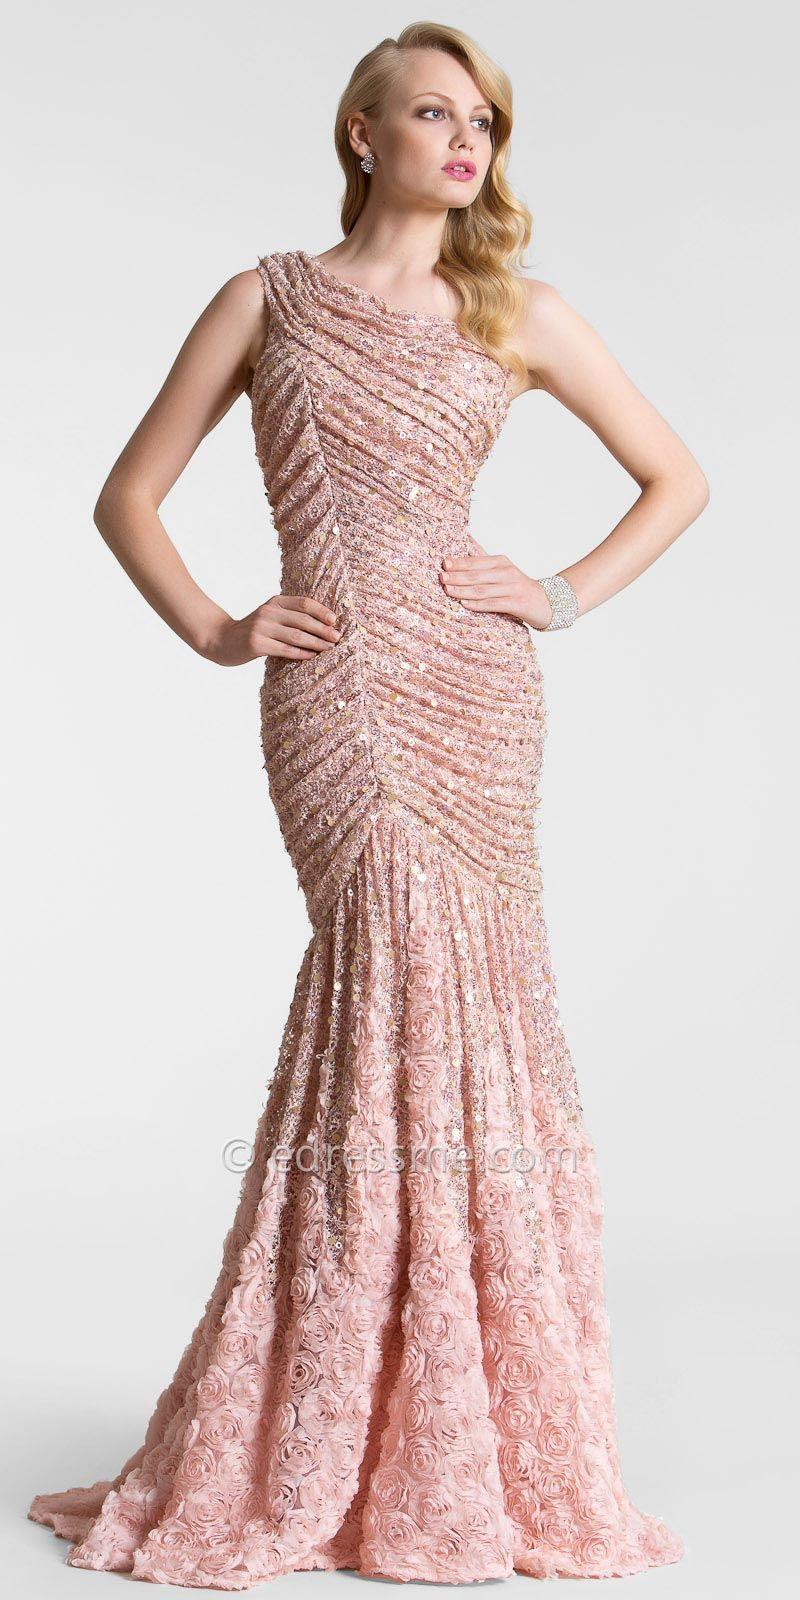 17 Best images about Lace Evening Dress on Pinterest | Dress lace ...